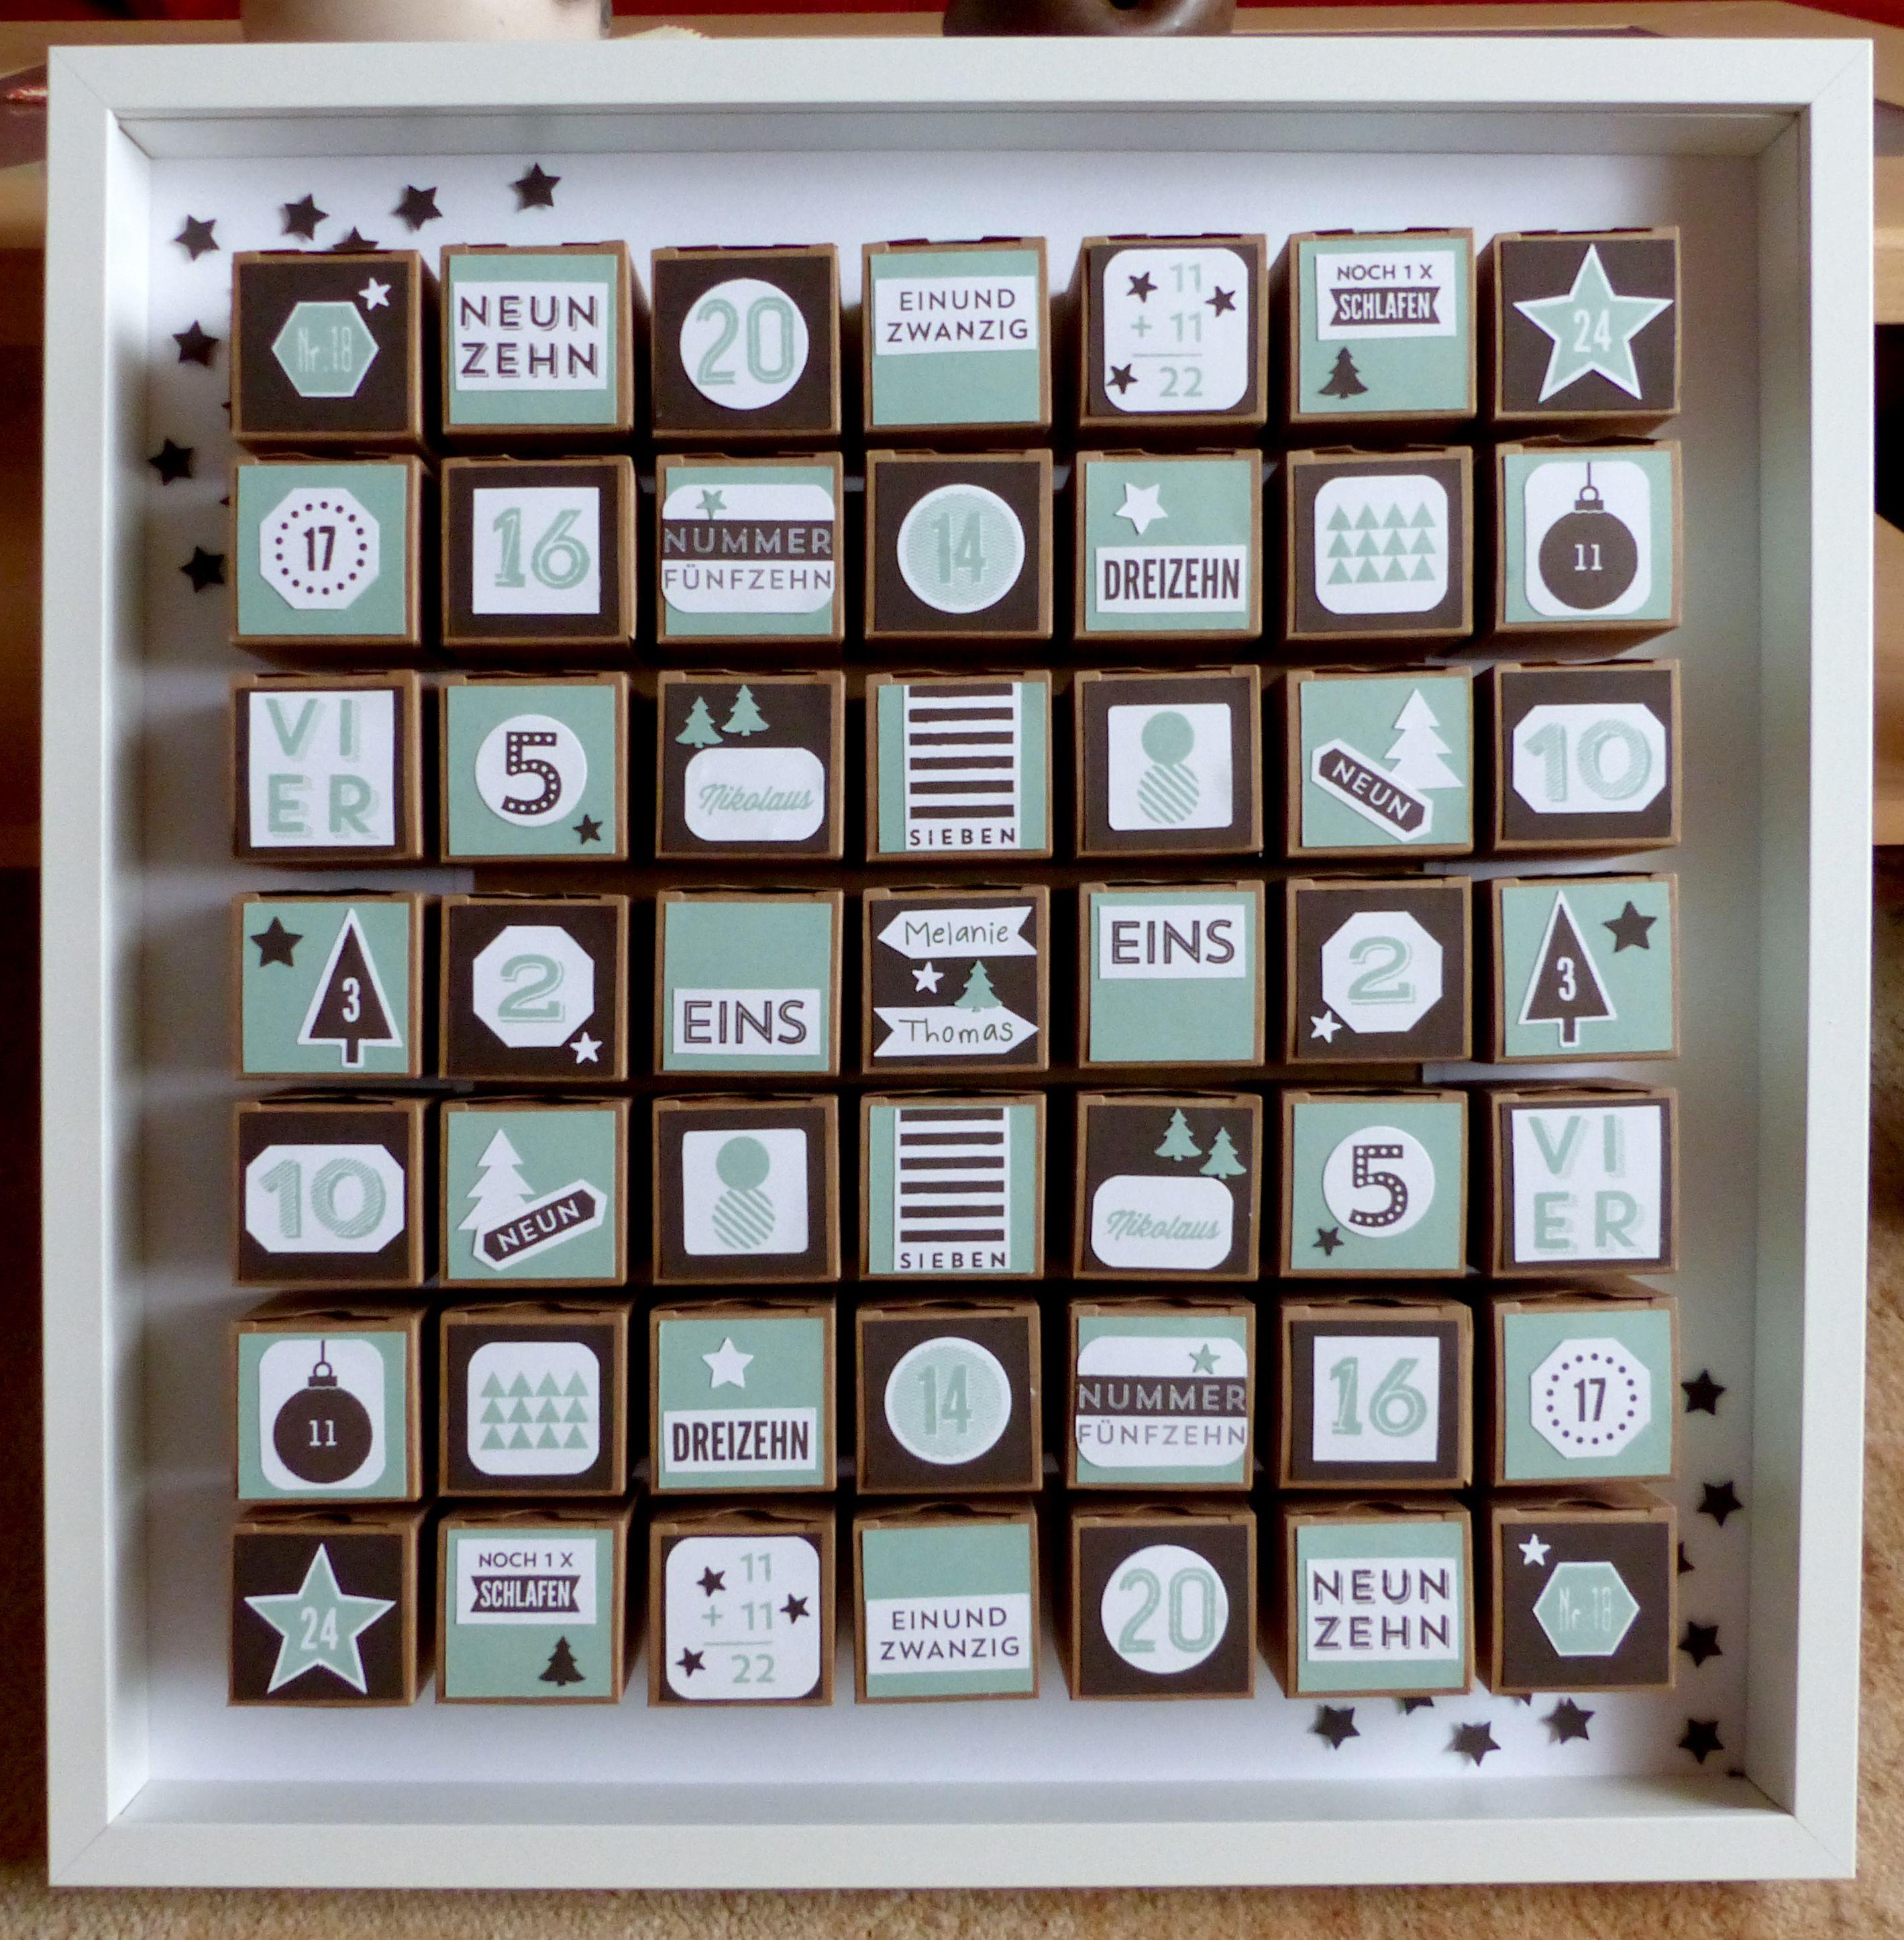 Adventkalender für zwei. Start ist in der Mitte - einer geht nach rechts und einer nach links.